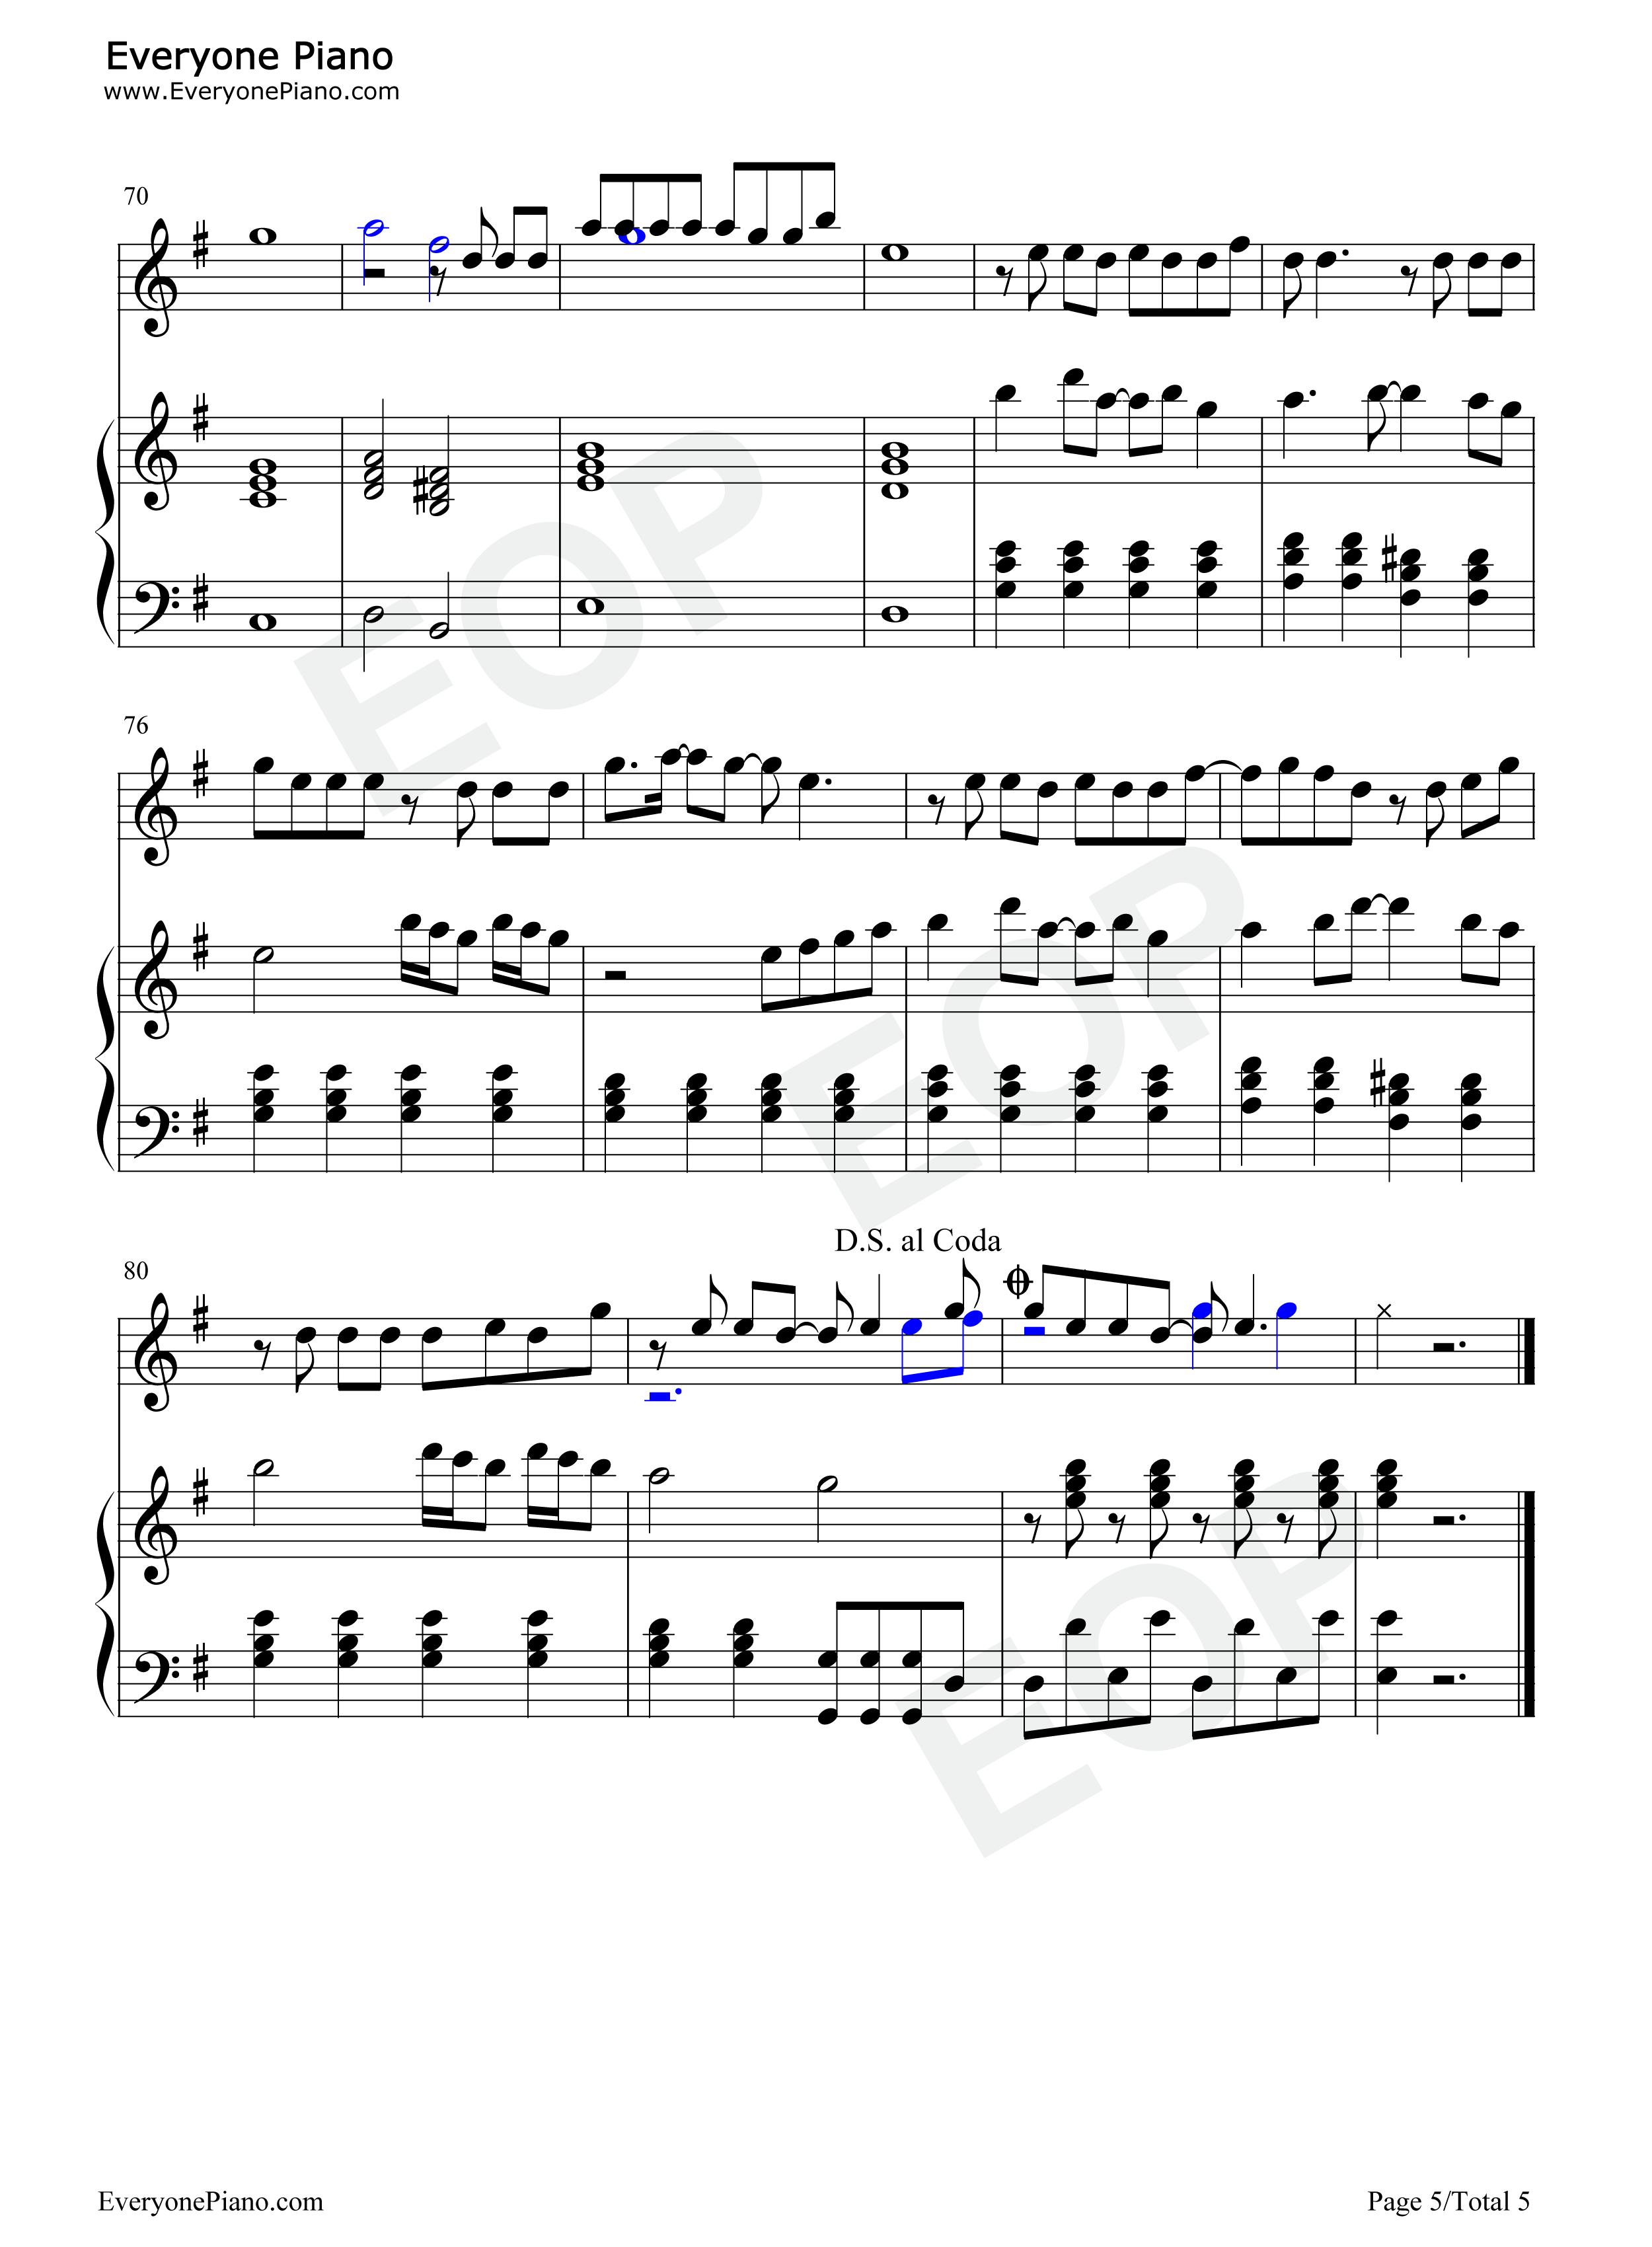 钢琴曲谱 流行 谎言-伴奏版-bigbang-eop教学曲 谎言-伴奏版-bigbang